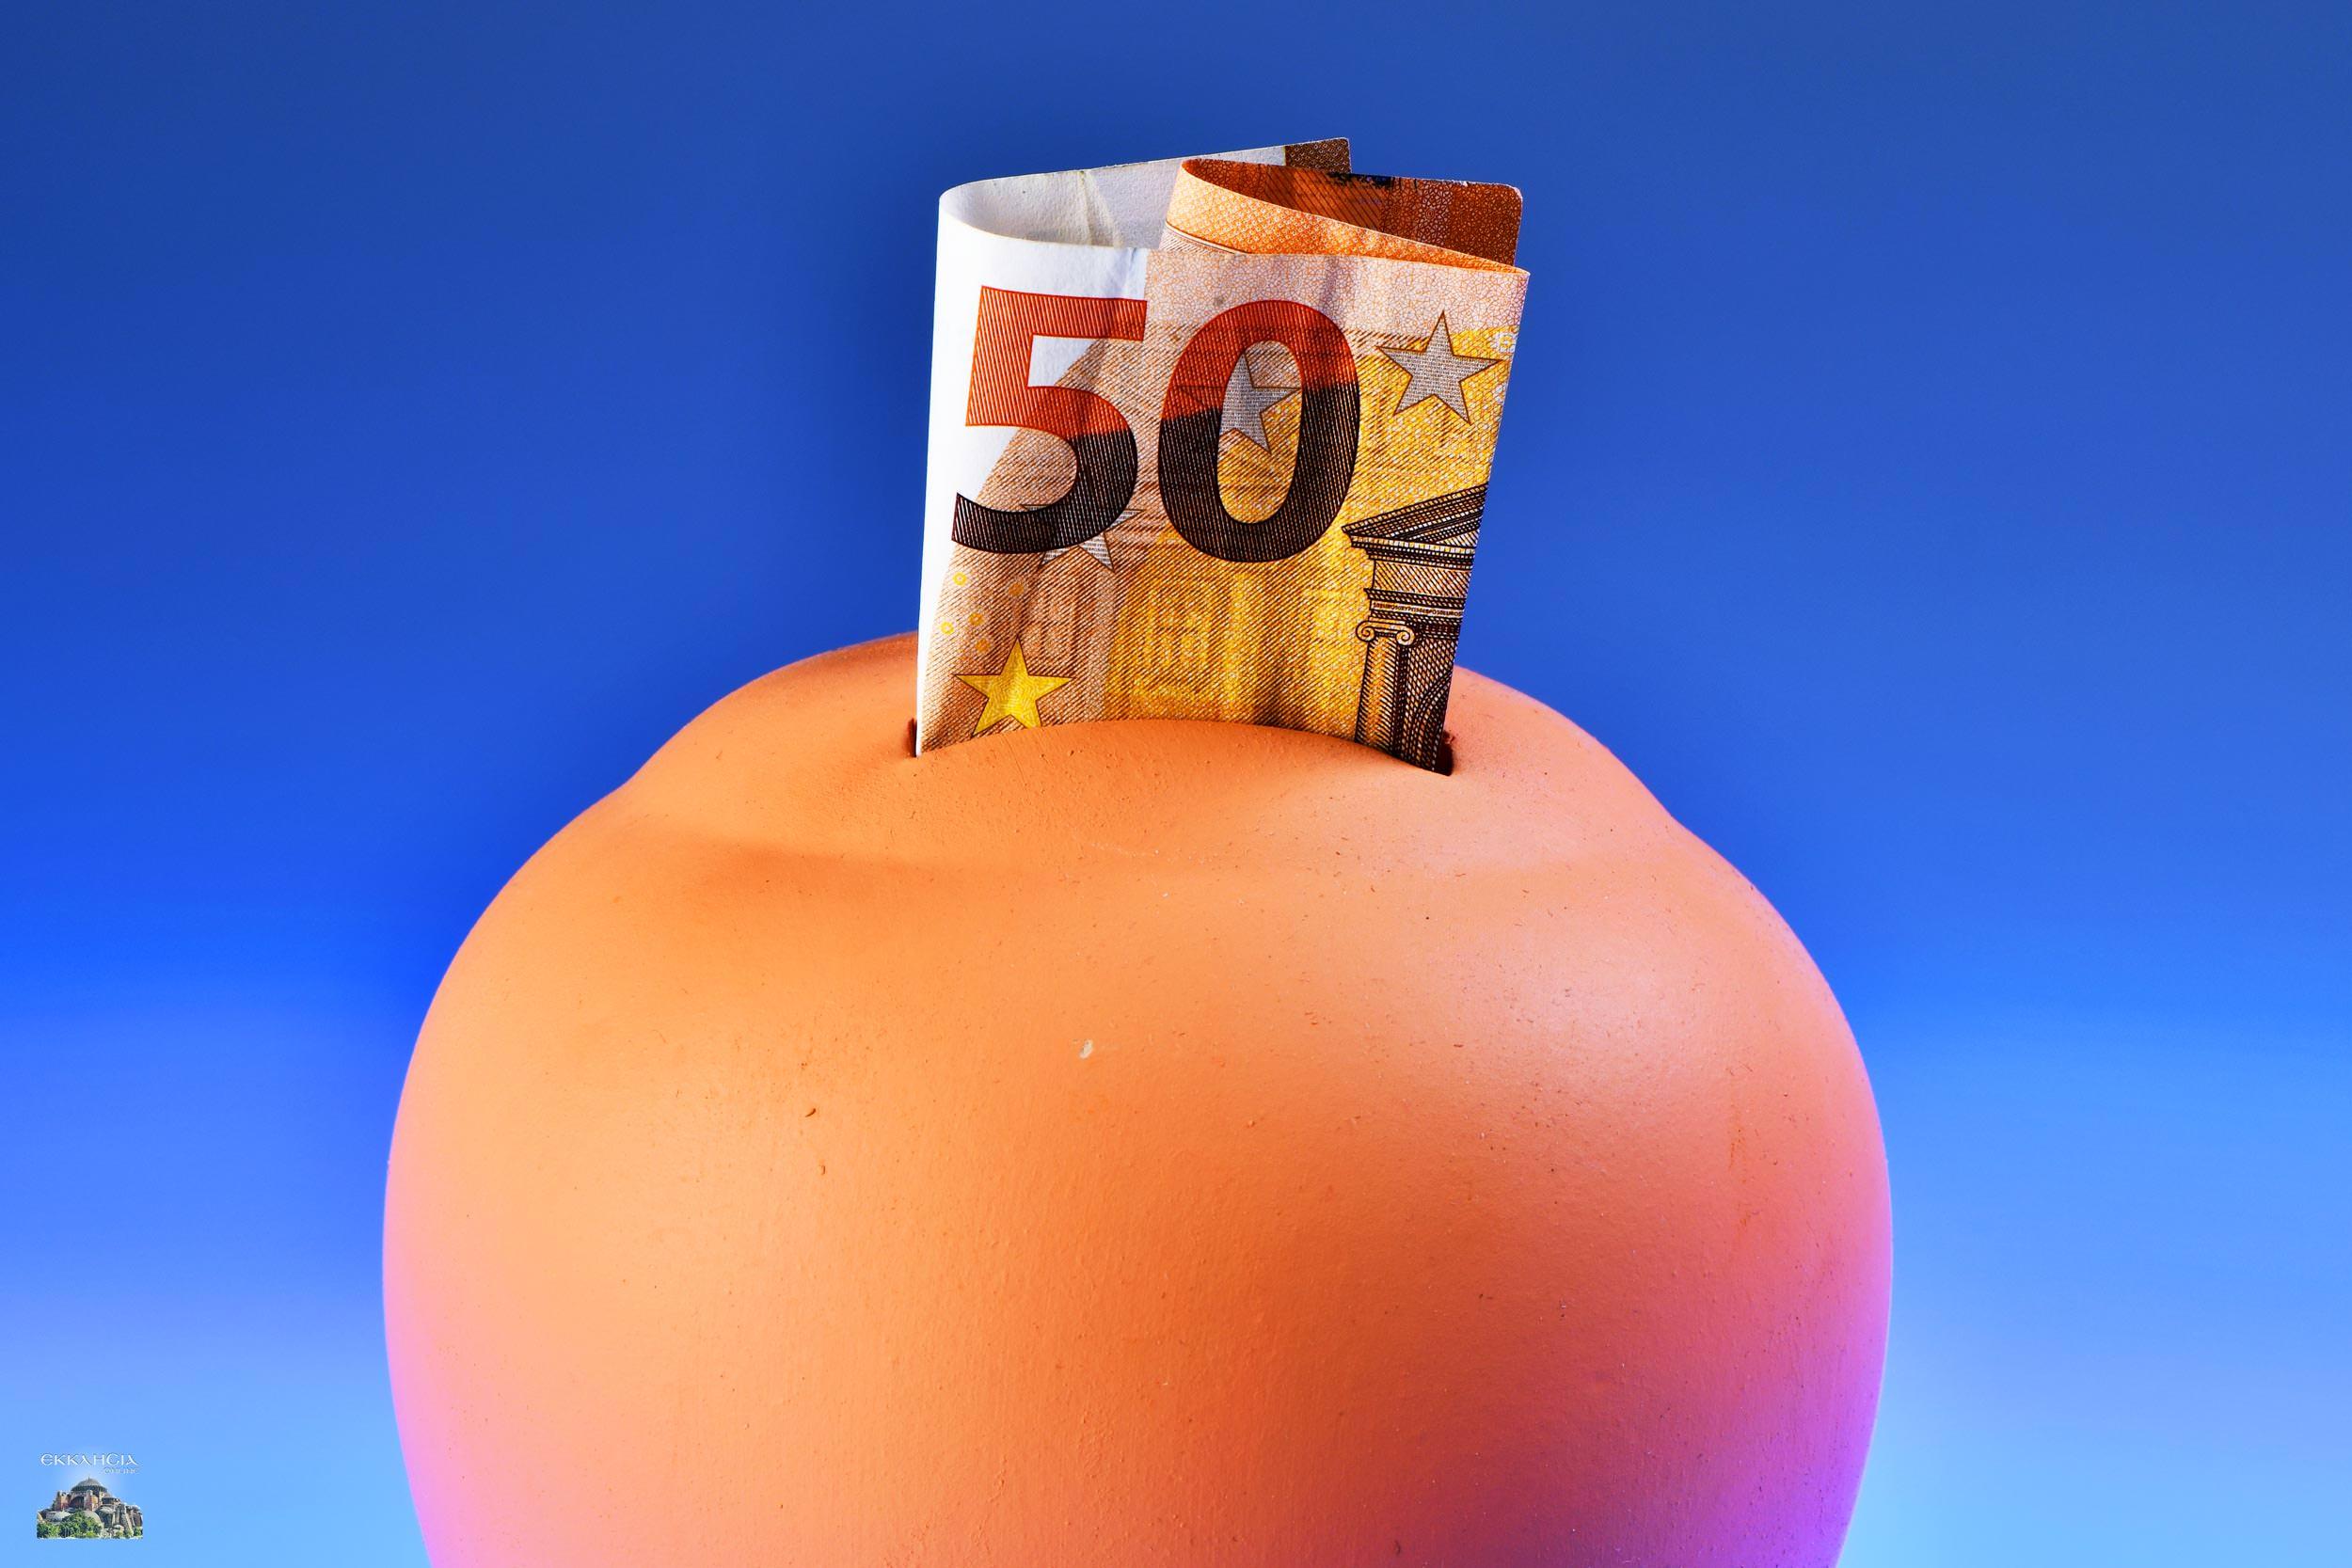 επιδόματα πληρωμές συνταξιούχων